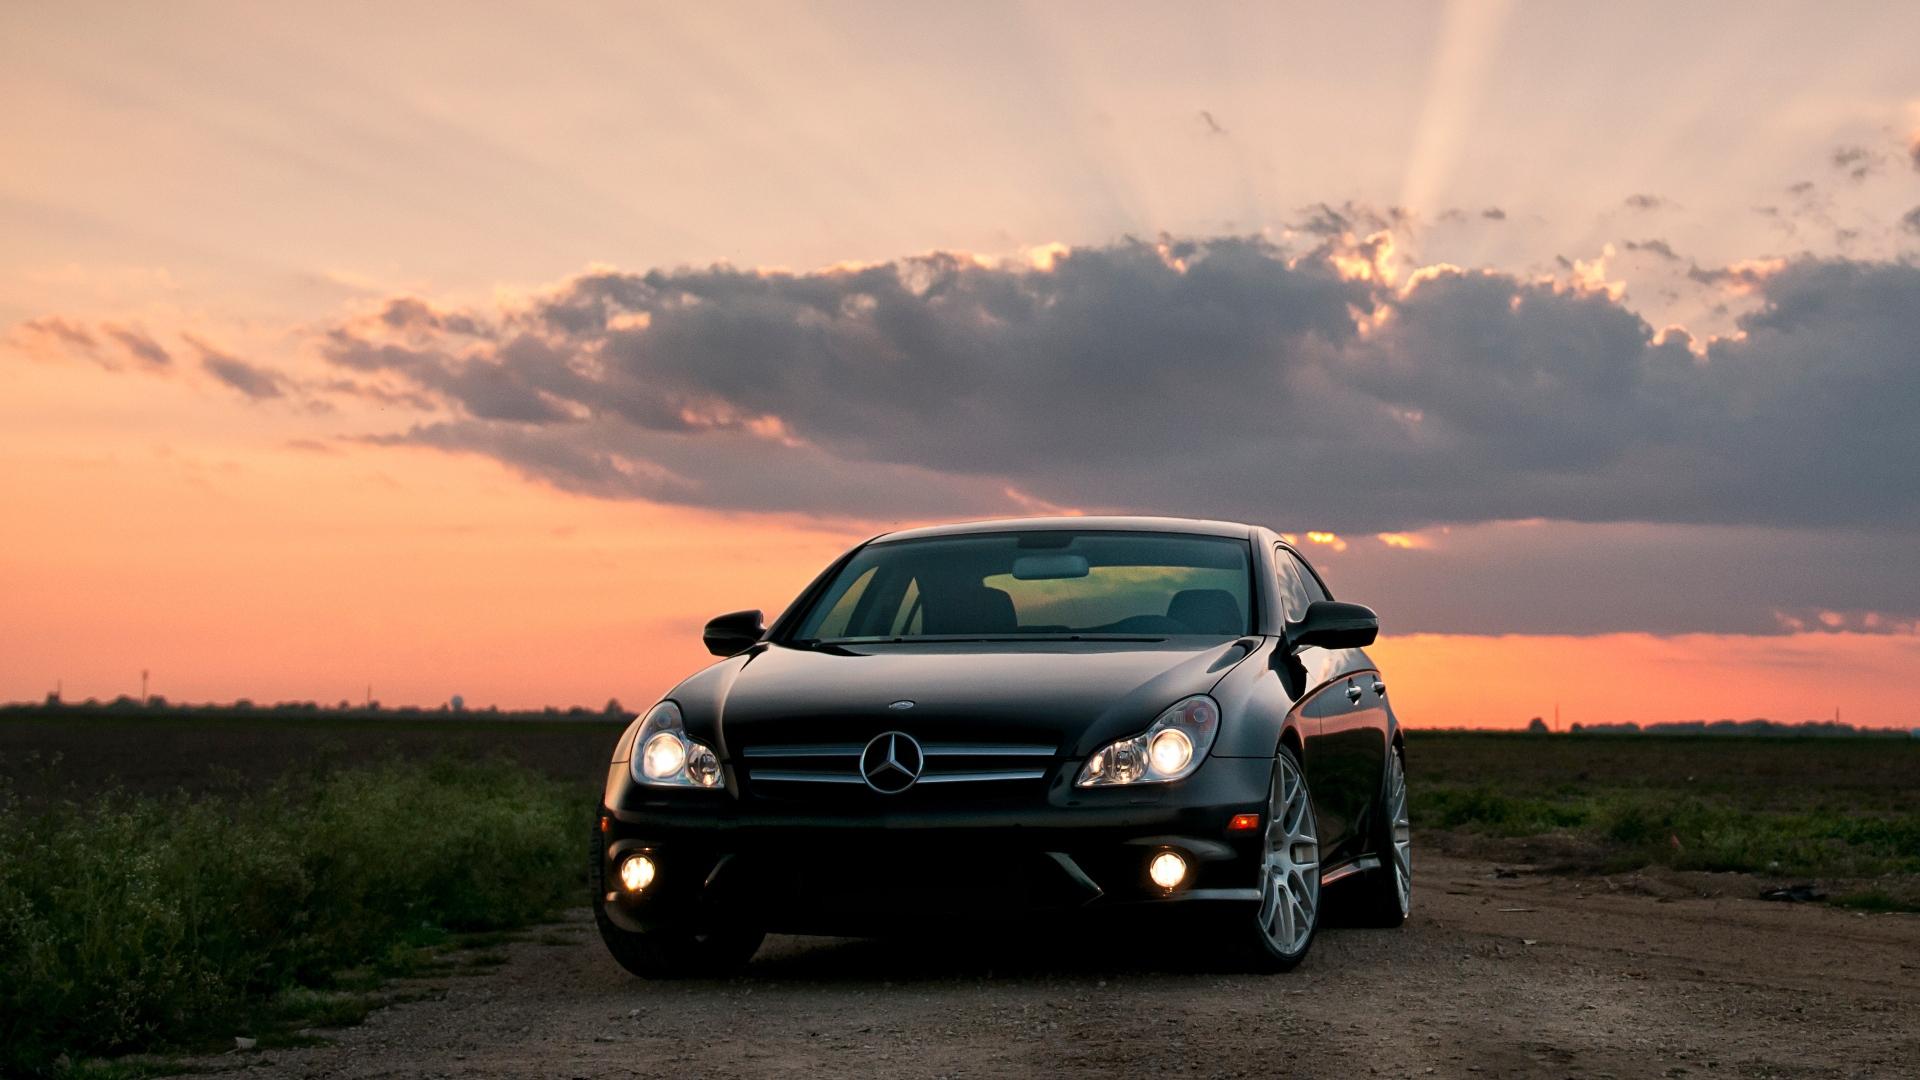 35515 скачать обои Транспорт, Машины, Мерседес (Mercedes) - заставки и картинки бесплатно